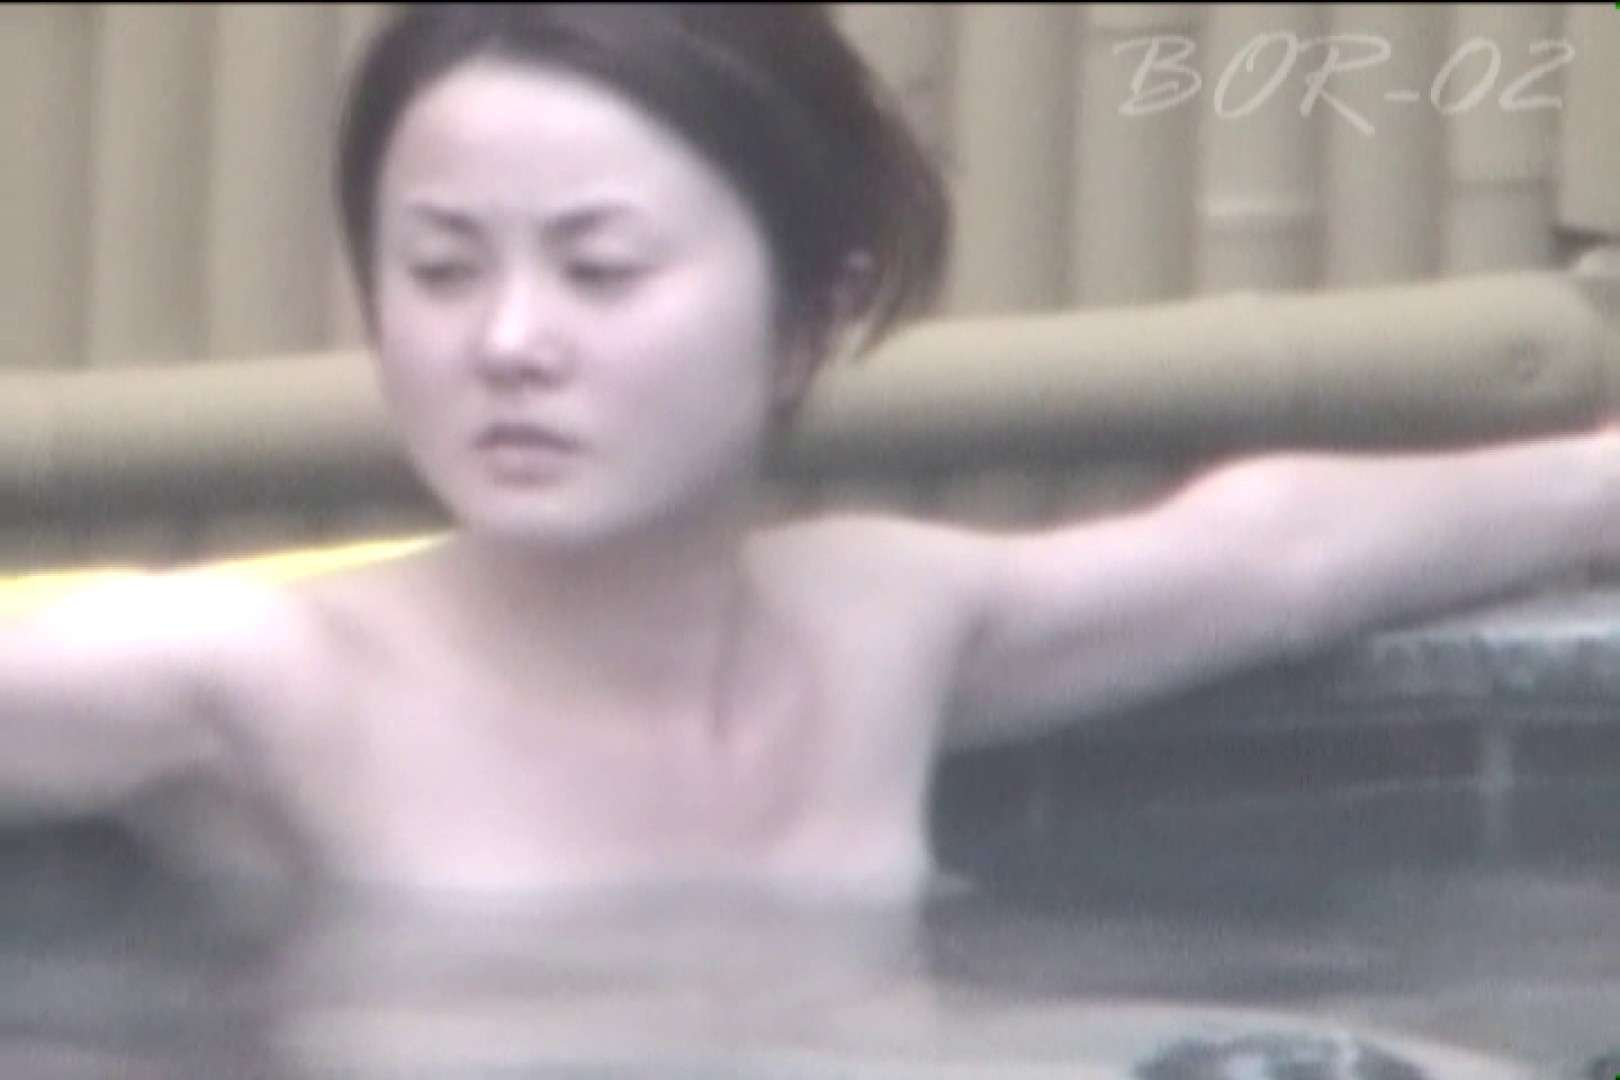 Aquaな露天風呂Vol.474 エッチな盗撮 ワレメ動画紹介 113pic 106